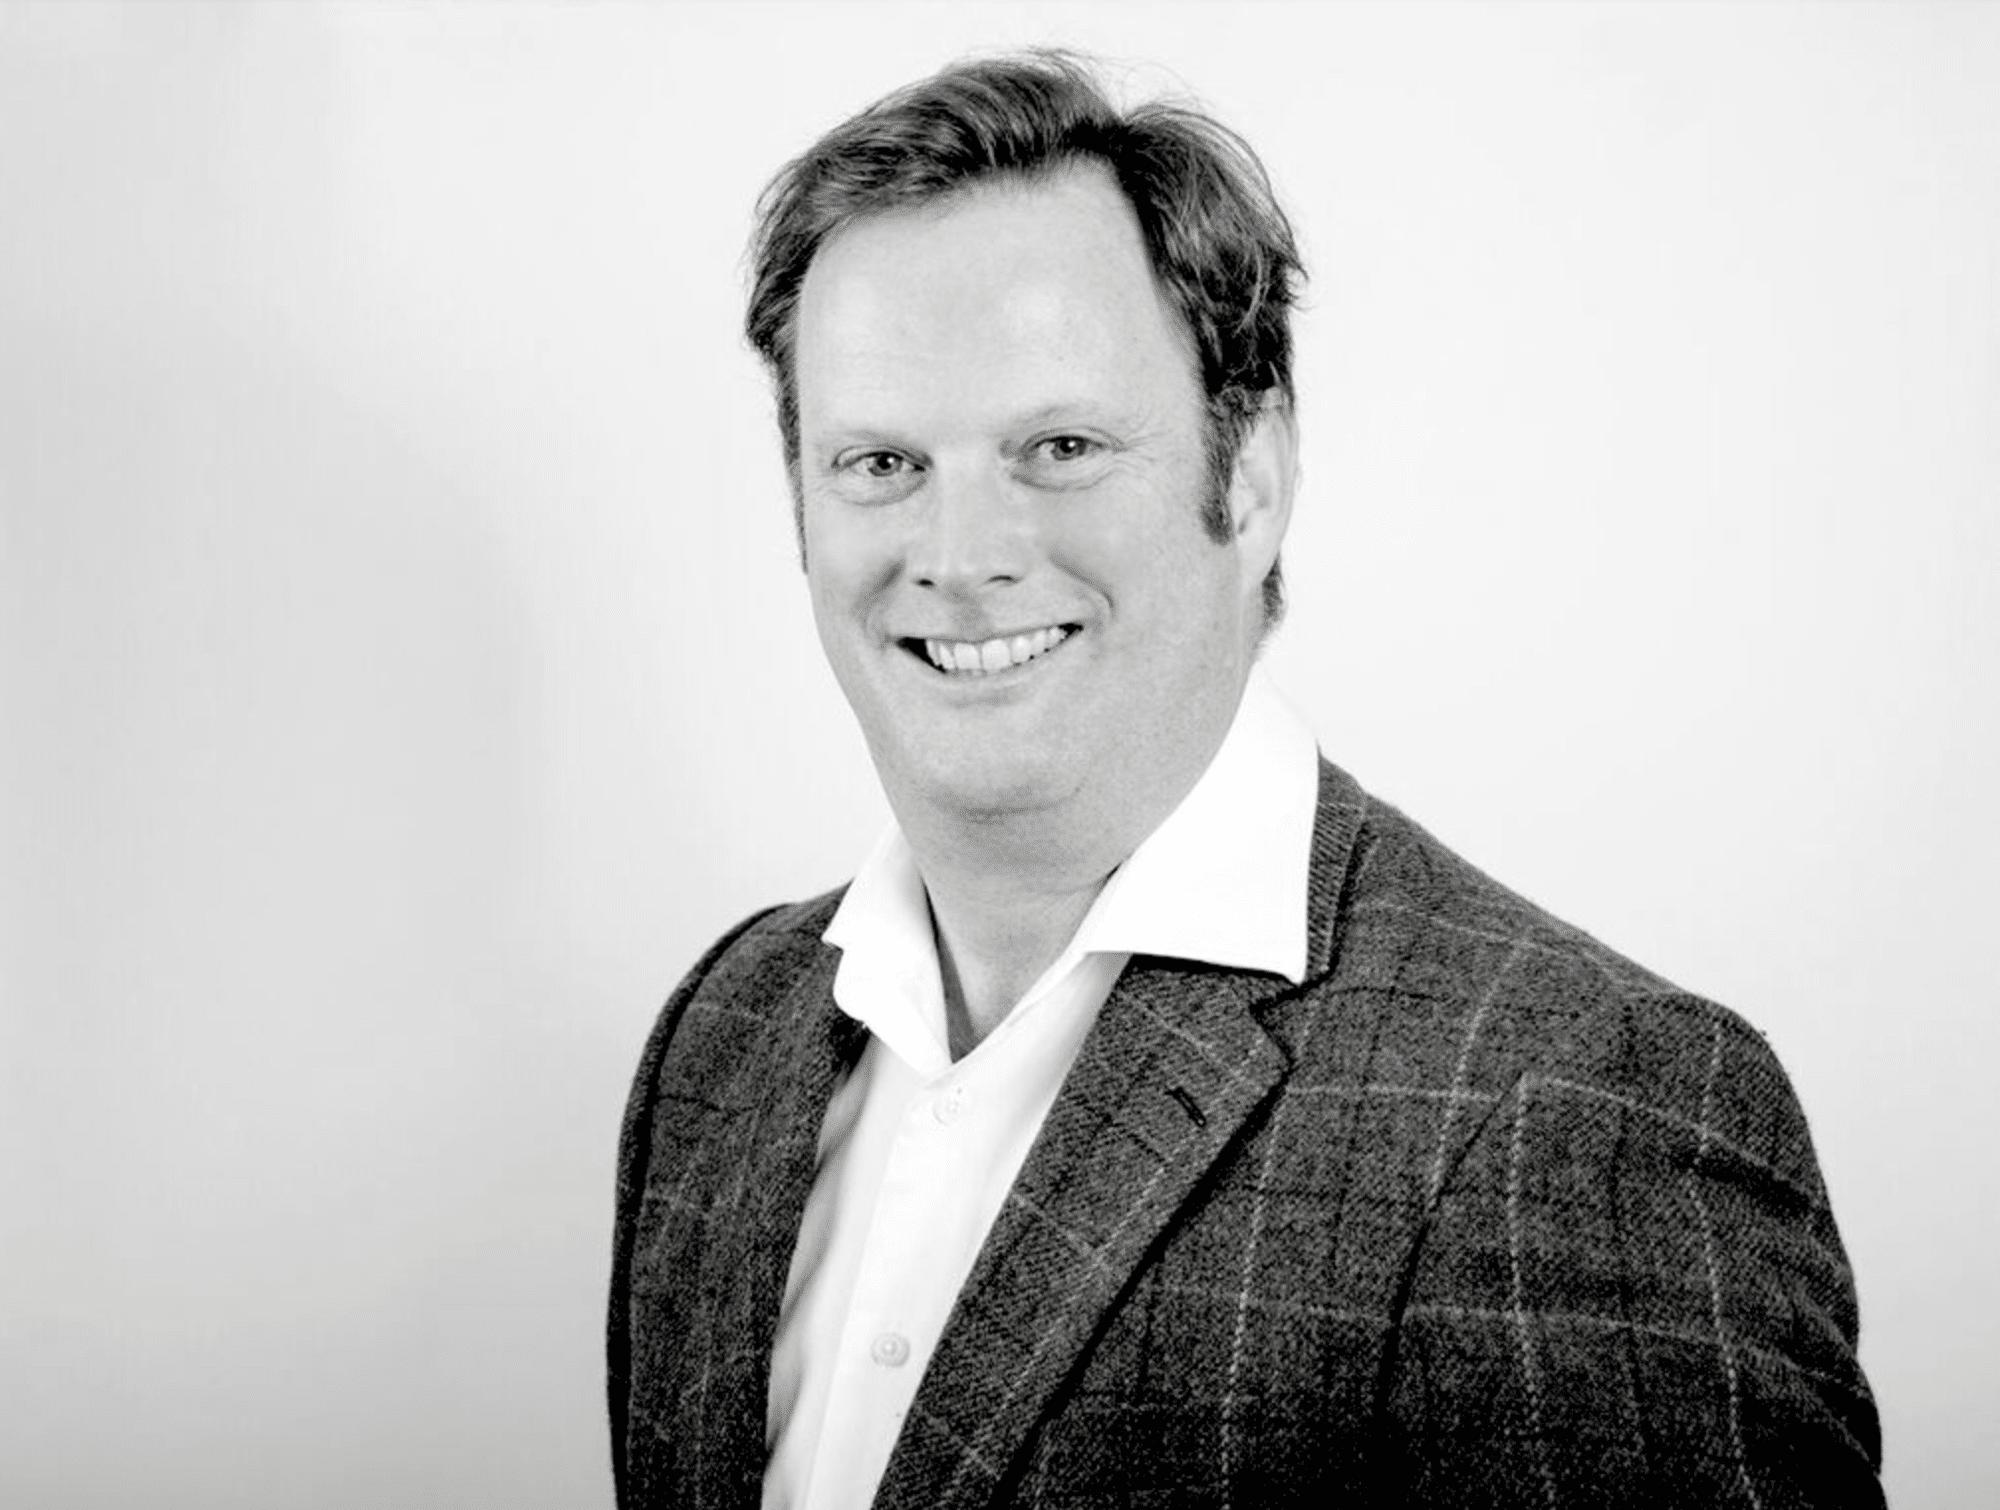 Die Gesichter der FinTech Branche...Dürfen wir vorstellen...Markus Rupprecht von der Traxpay AG